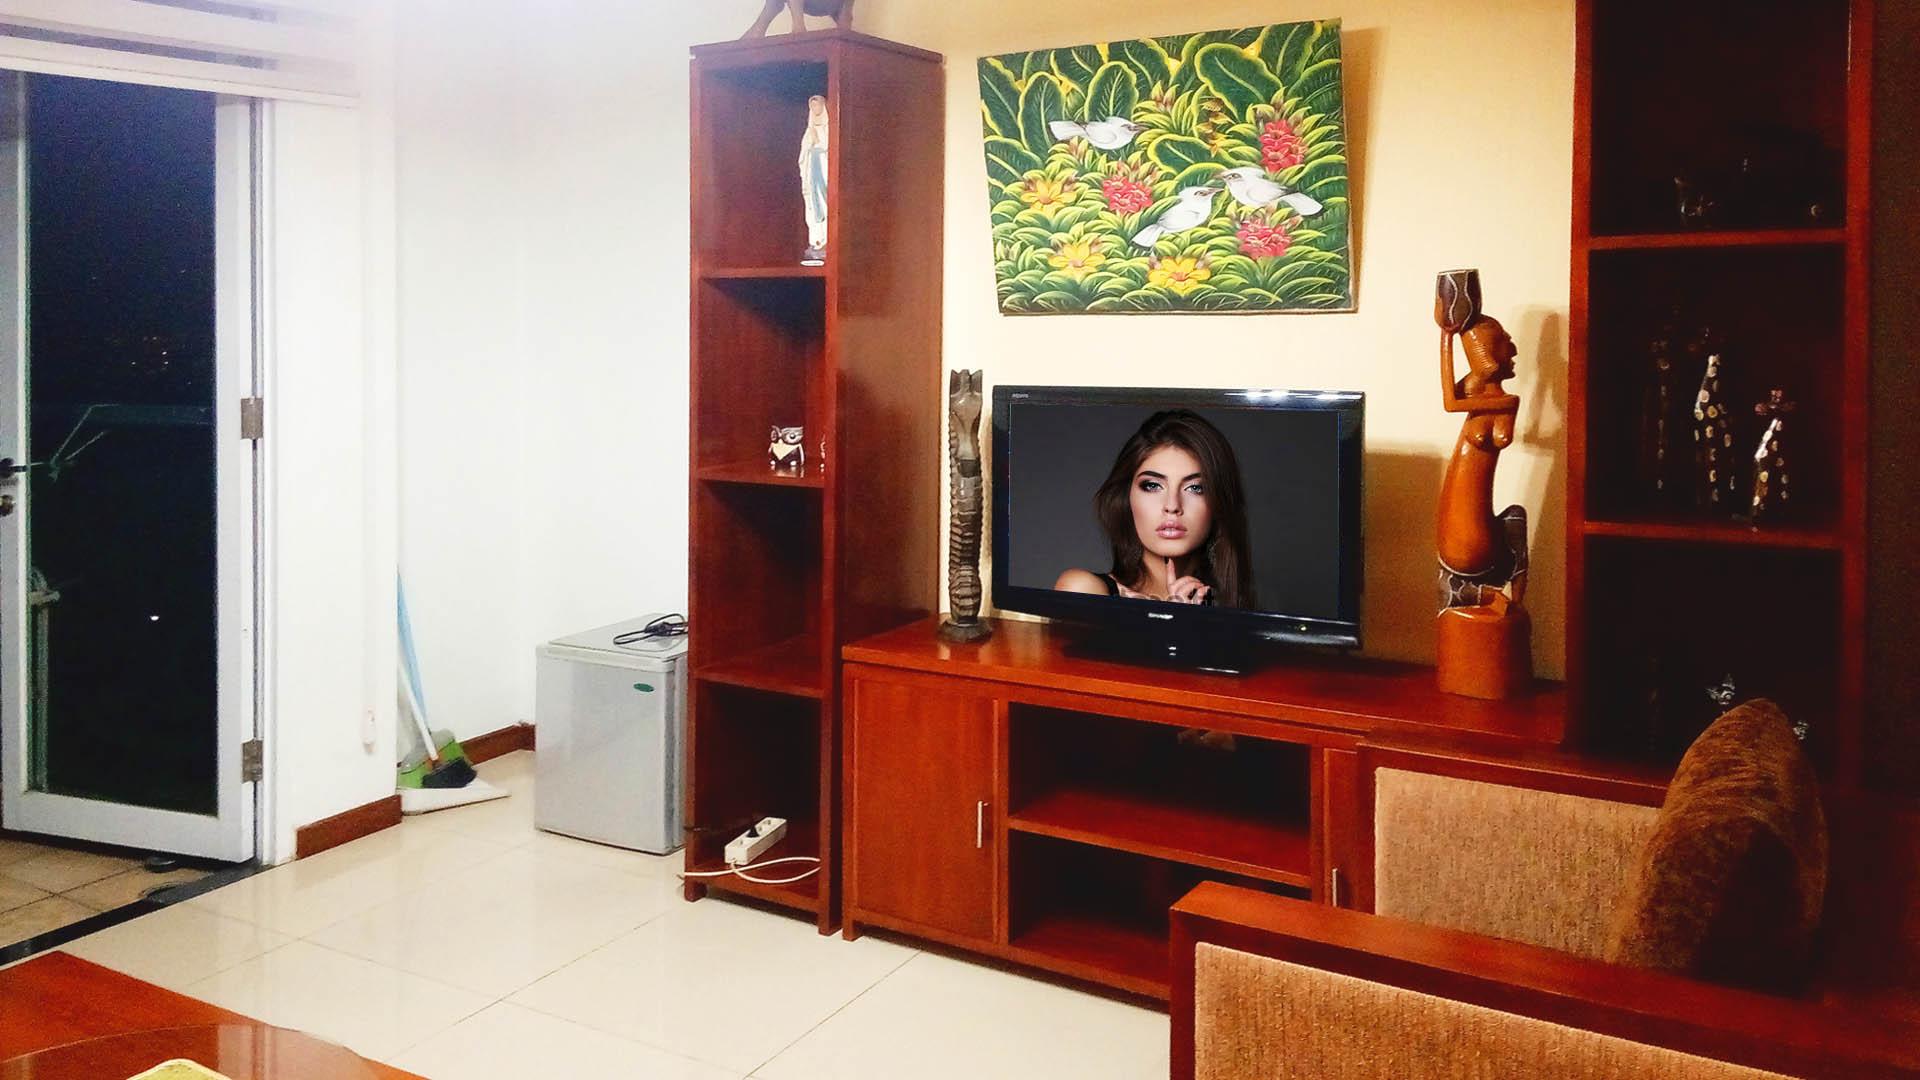 Sewa Kamar Dago Atas - Sewa Apartemen Dago Bandung